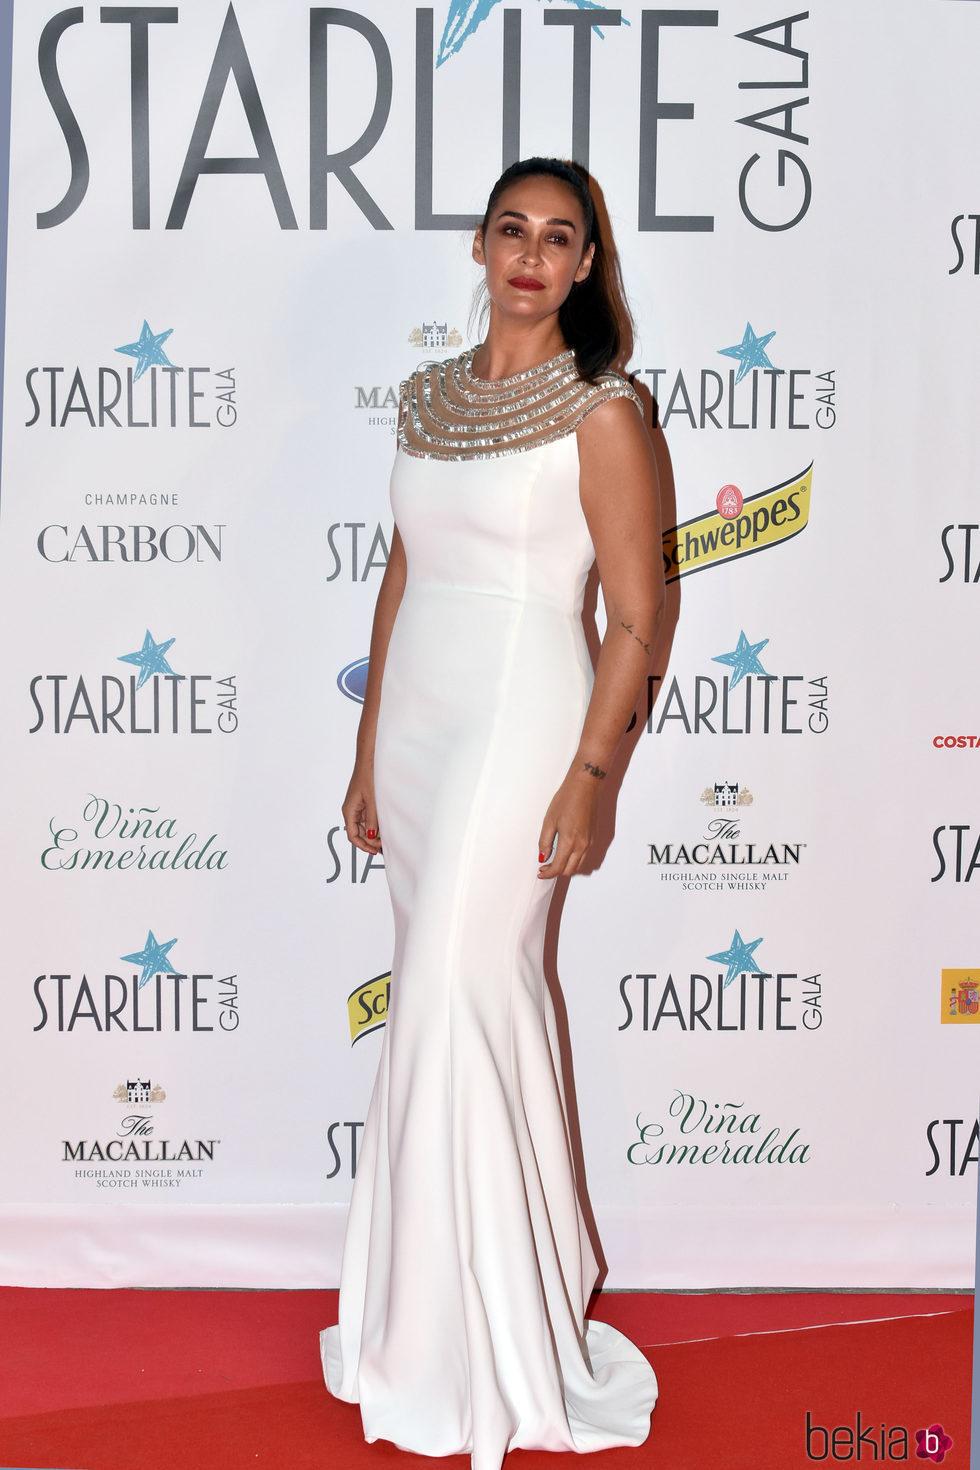 Vicky Martín Berrocal en la Gala Starlite 2017 en Marbella